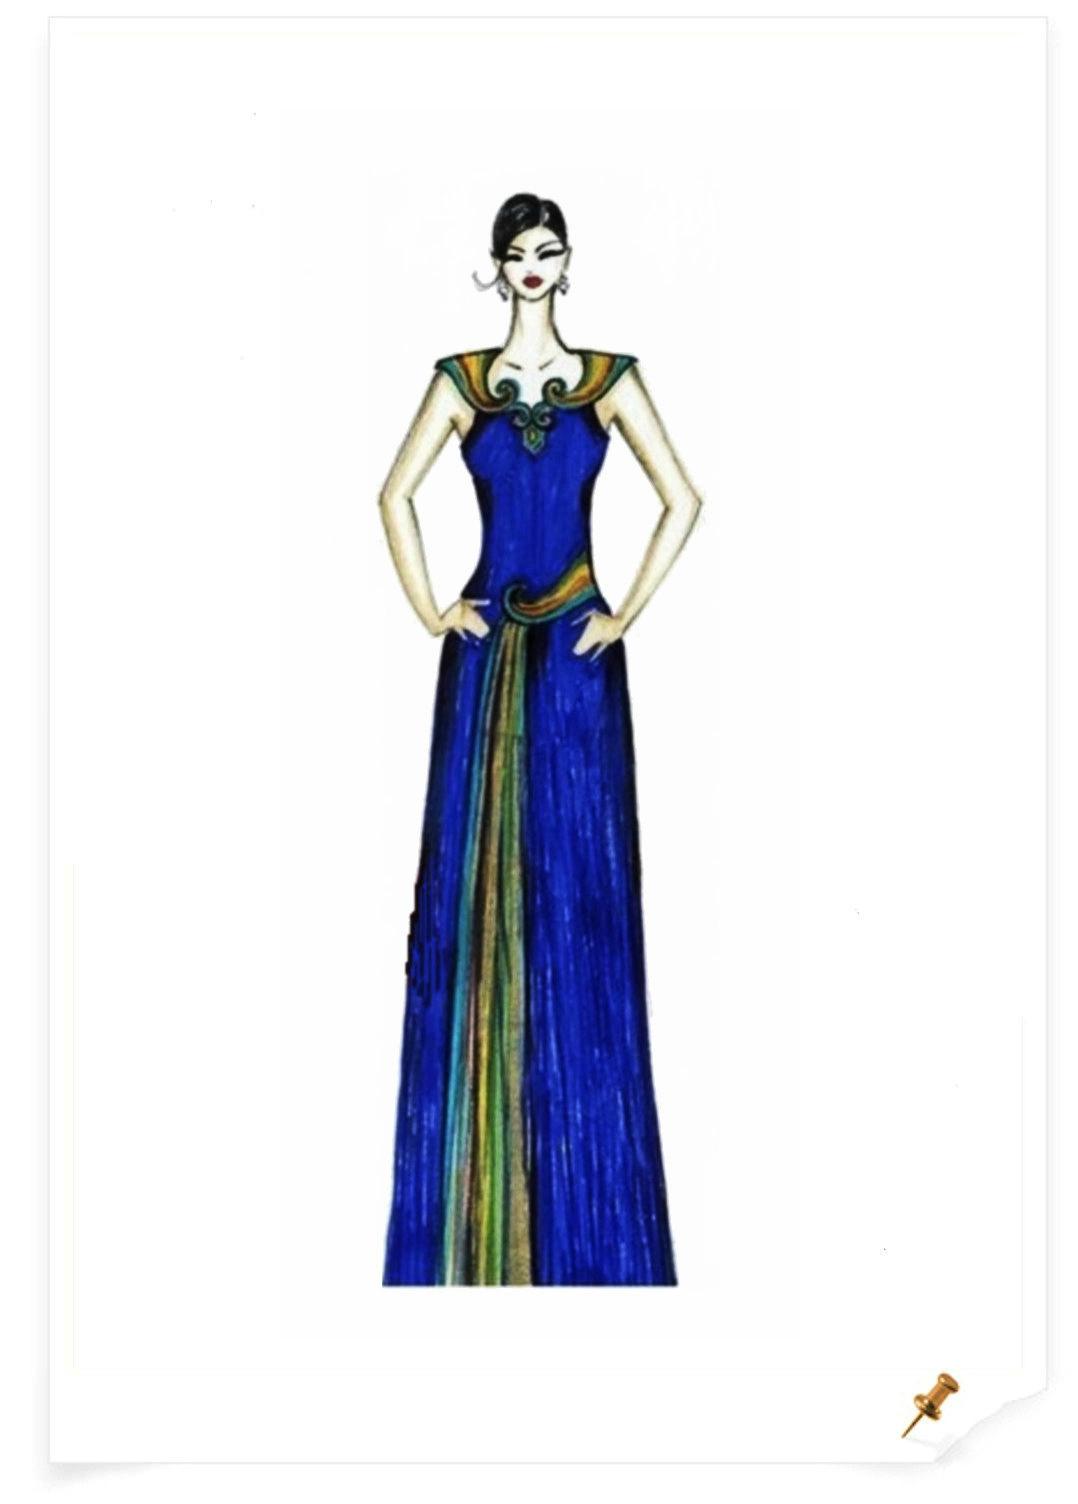 【服装美术】蒙古元素服饰设计效果图 第7张